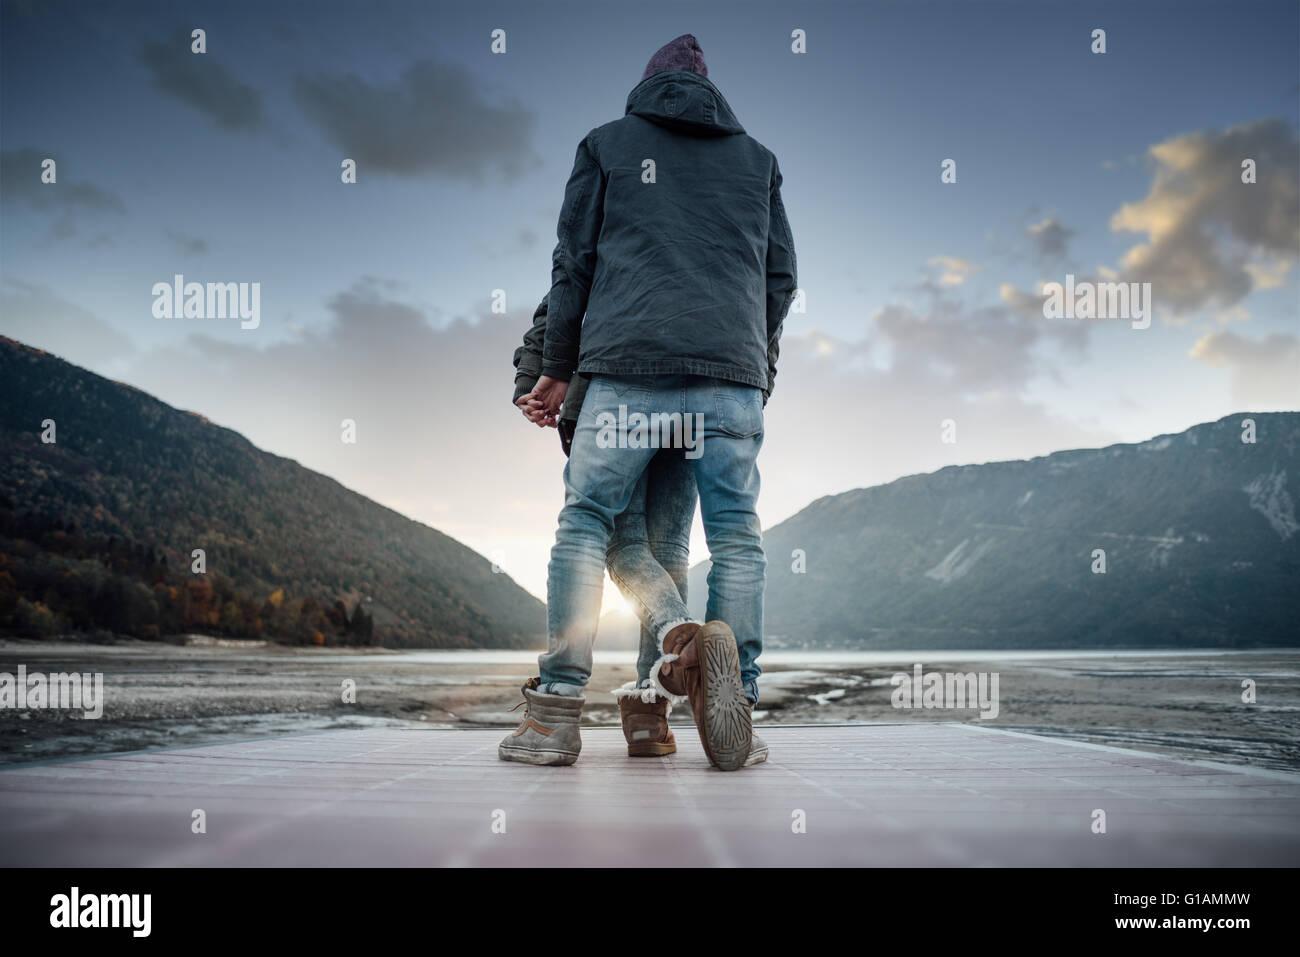 Romantische junge Liebespaar auf einer Mole Rückansicht, Naturlandschaft auf Hintergrund Stockbild